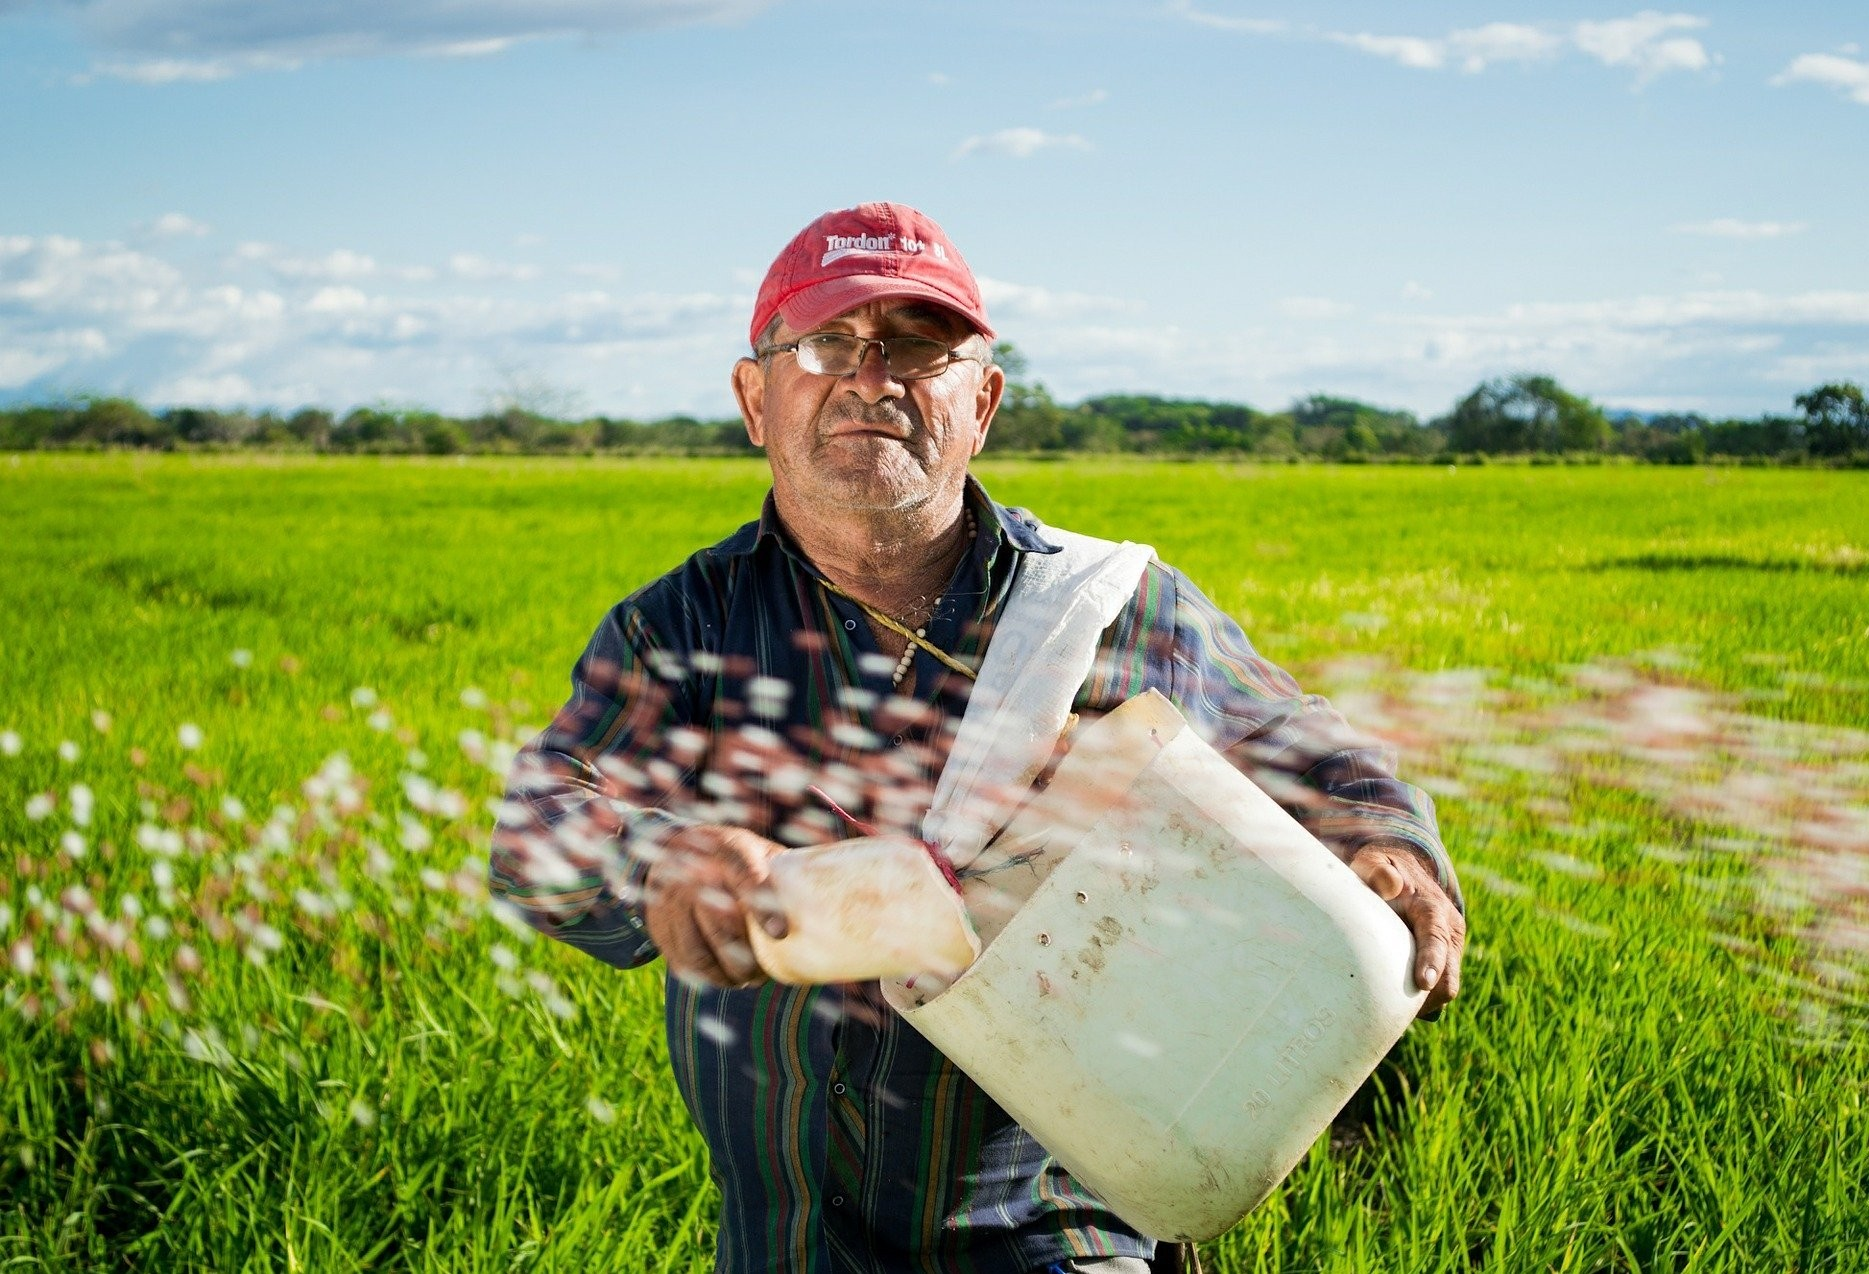 Uma homenagem aos agricultores